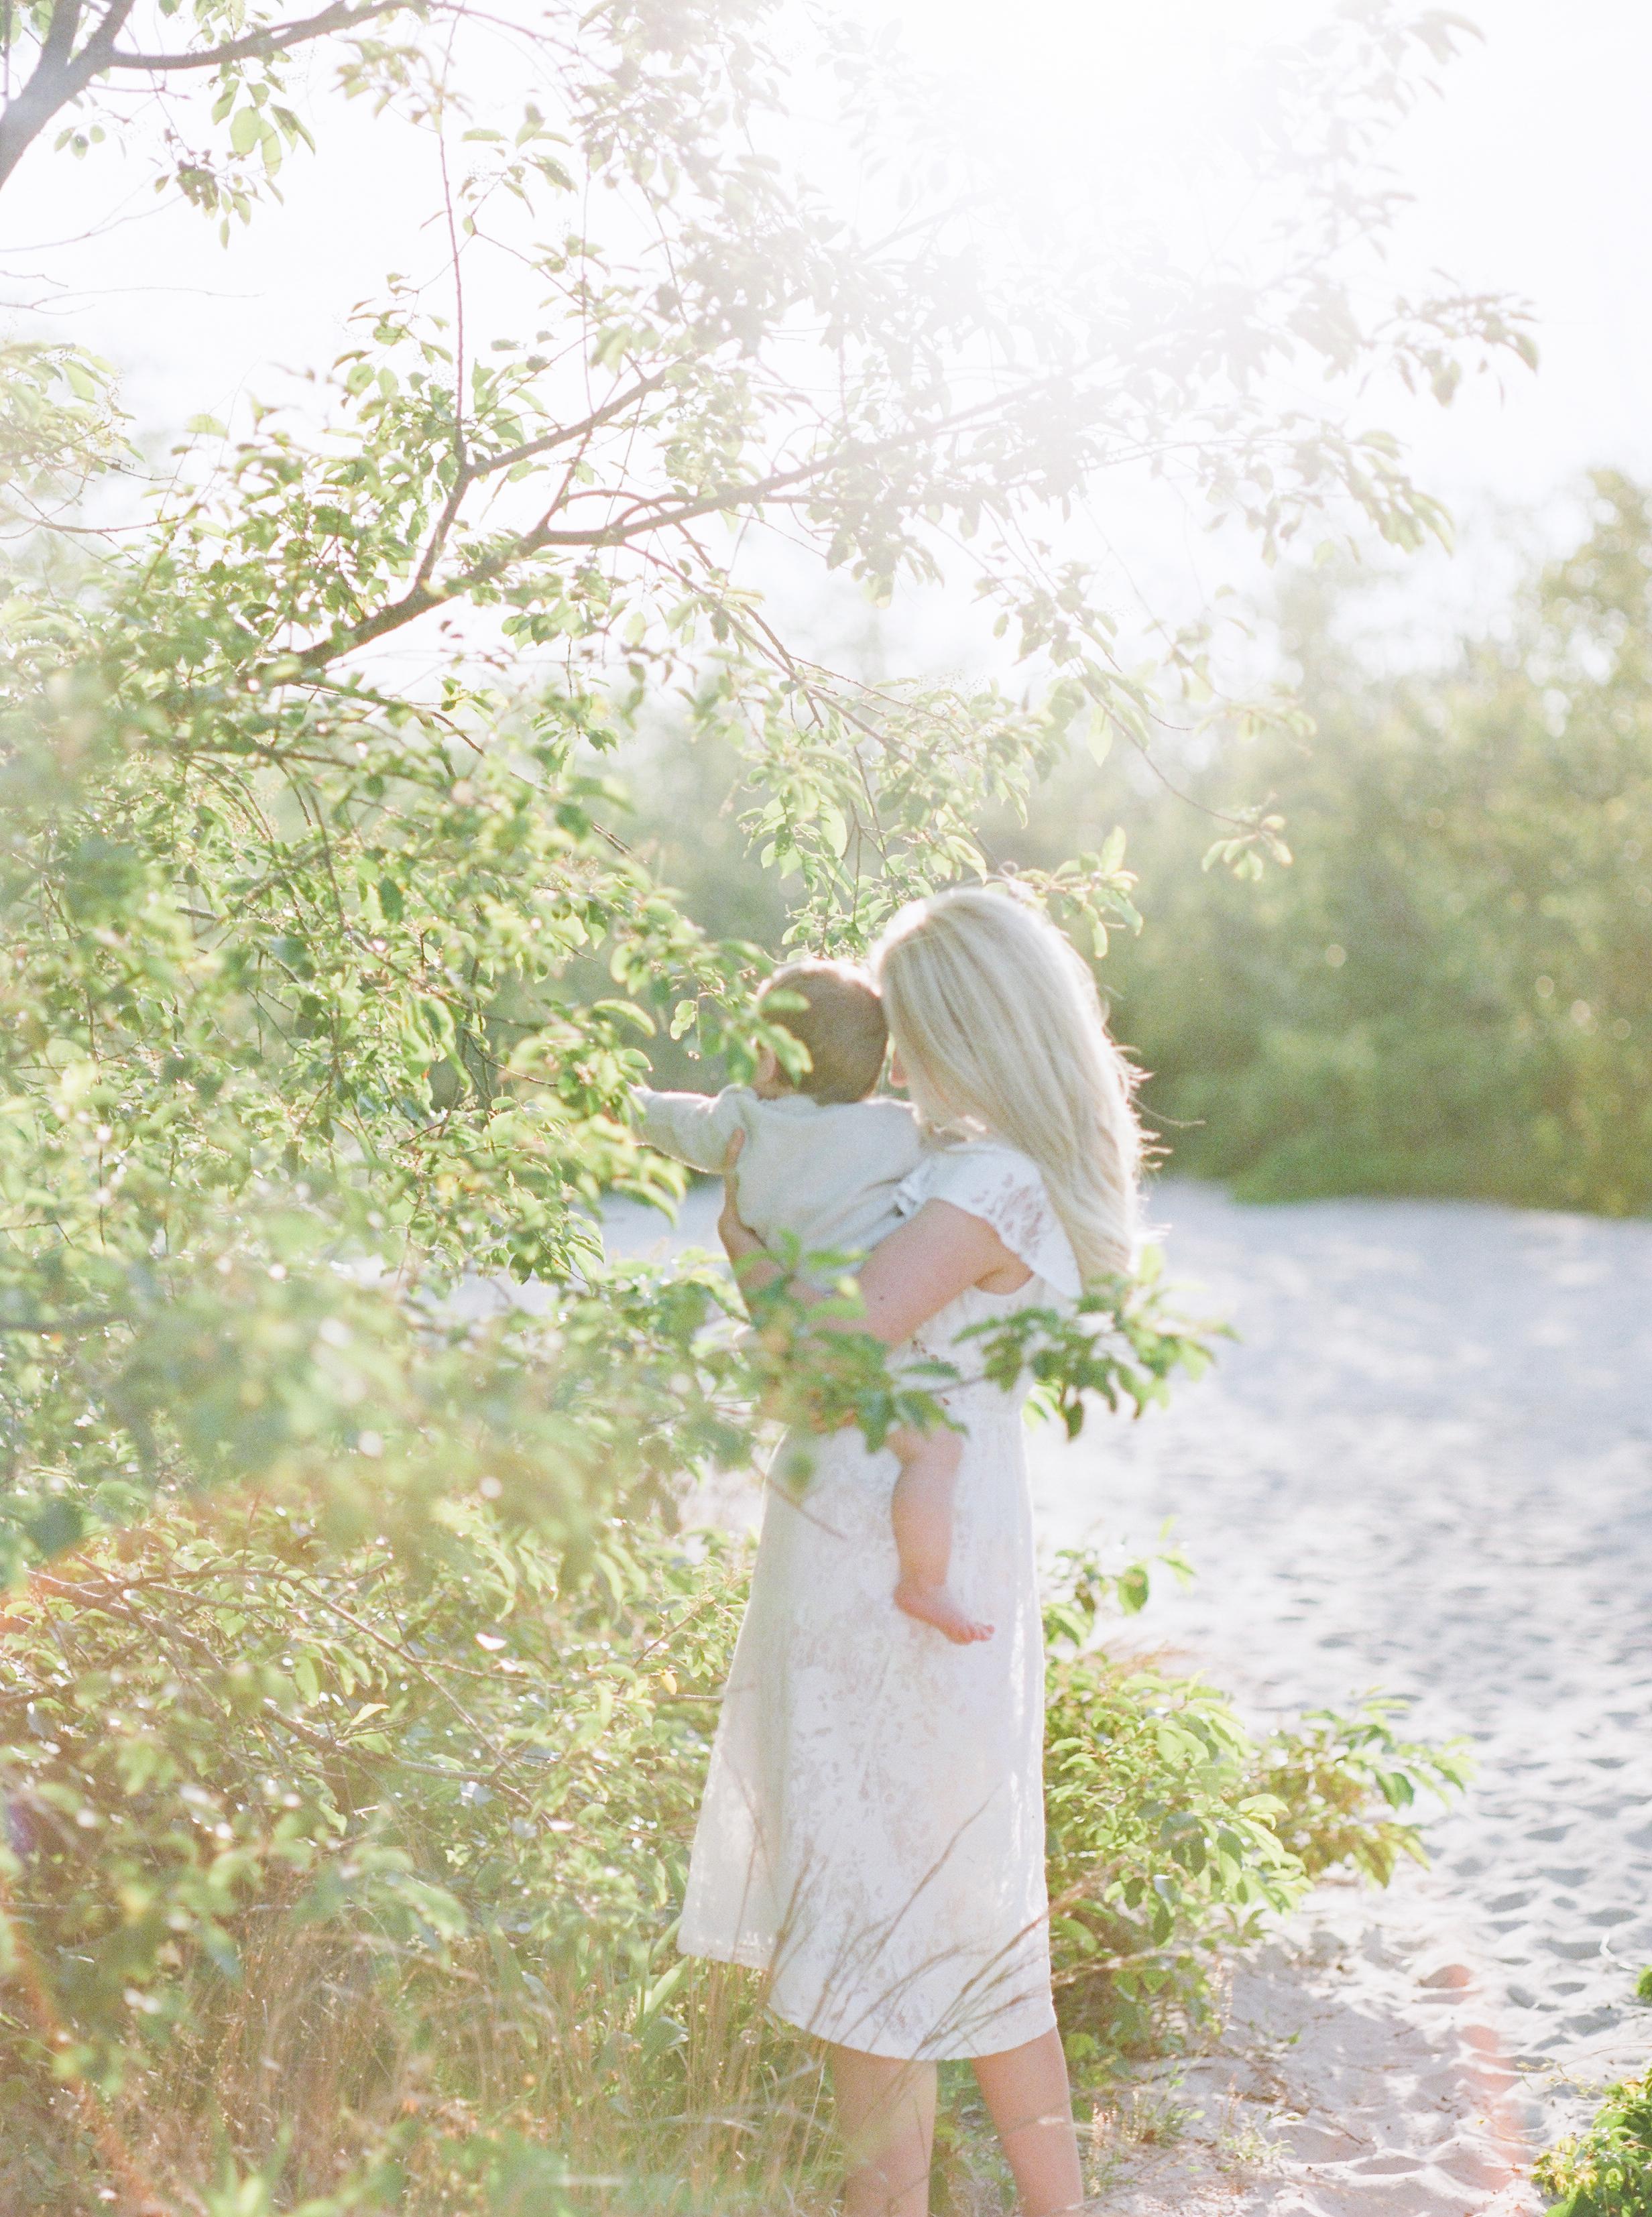 olya_vitulli_photography_leo-1-53.jpg